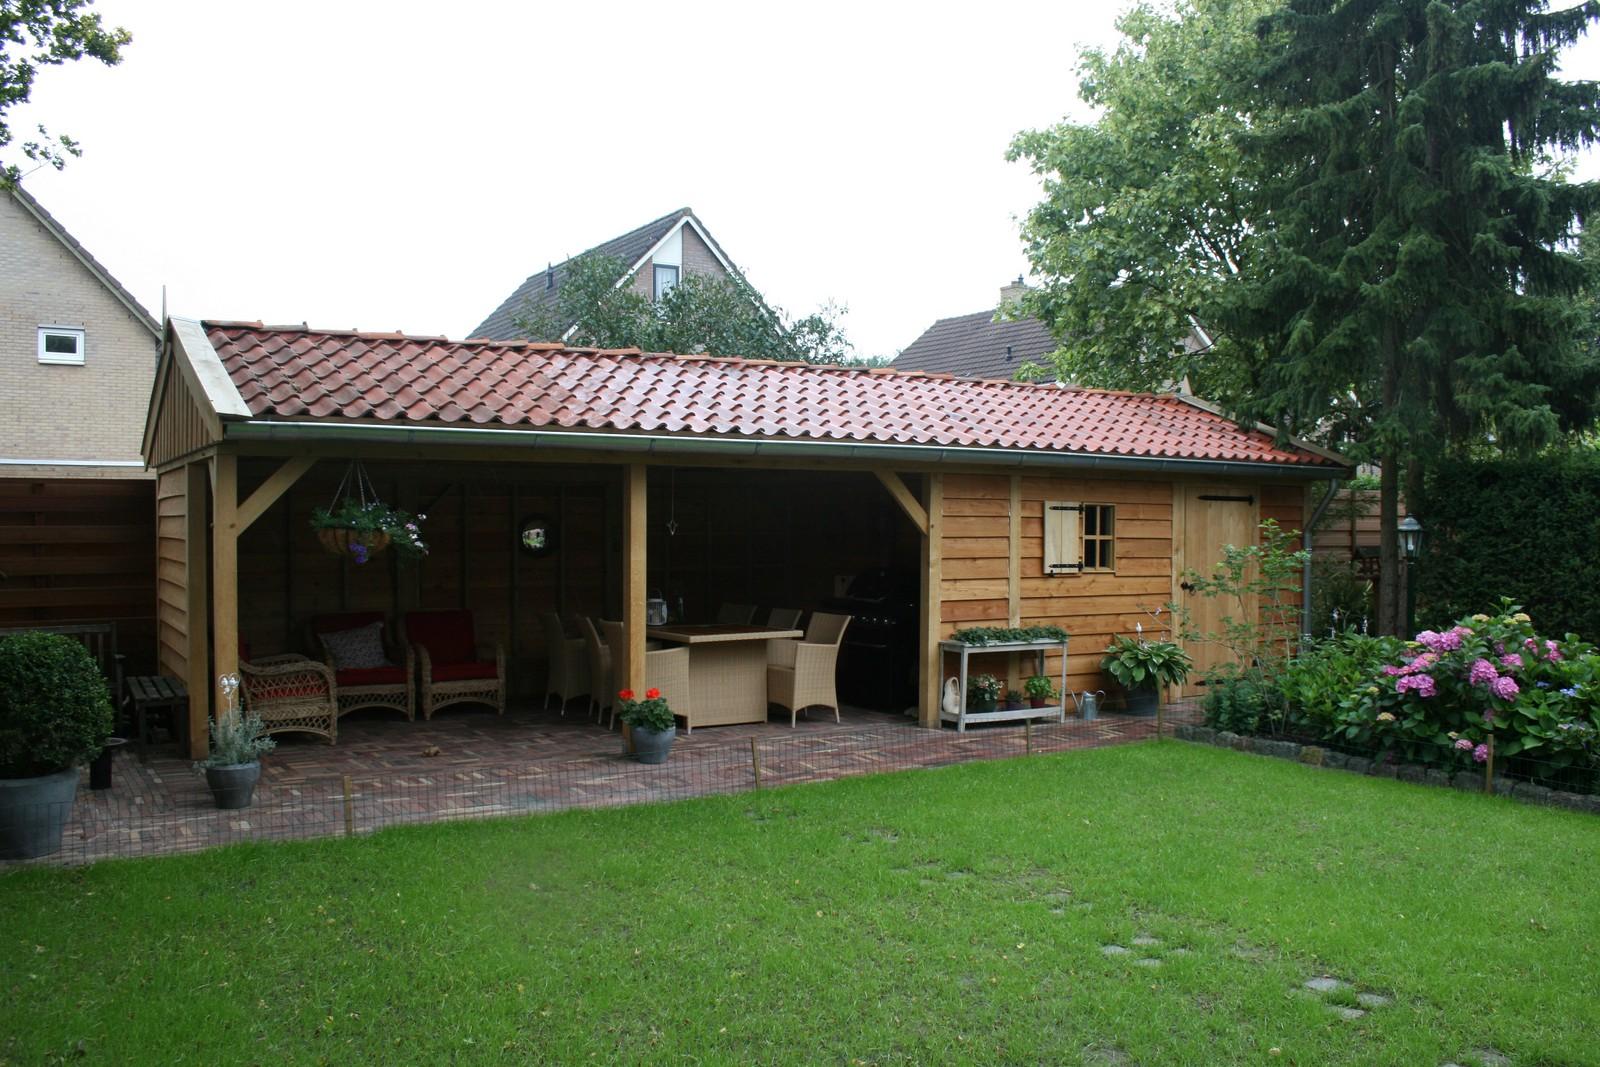 groot_tuinhuis - Stijlvolle eikenhouten tuinhuizen, bijgebouwen, kapschuren, veranda's en overkappingen.